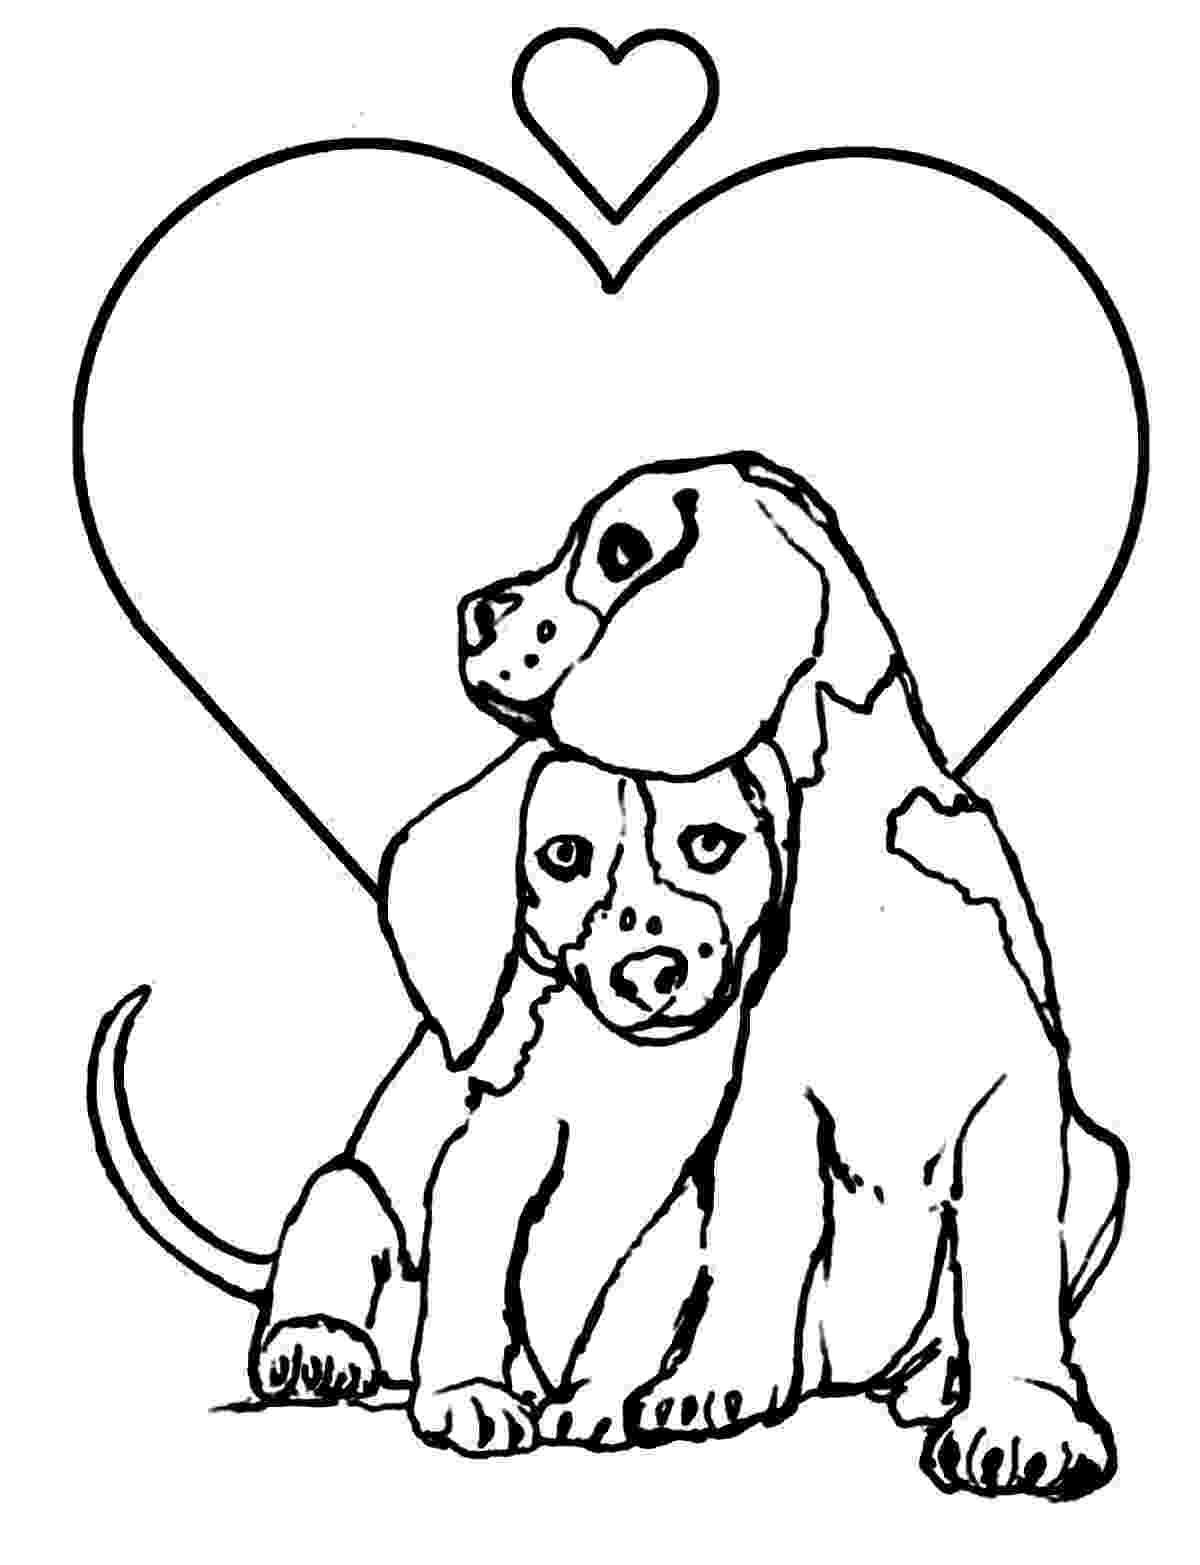 dog coloring sheets printable free printable dog coloring pages for kids sheets printable coloring dog